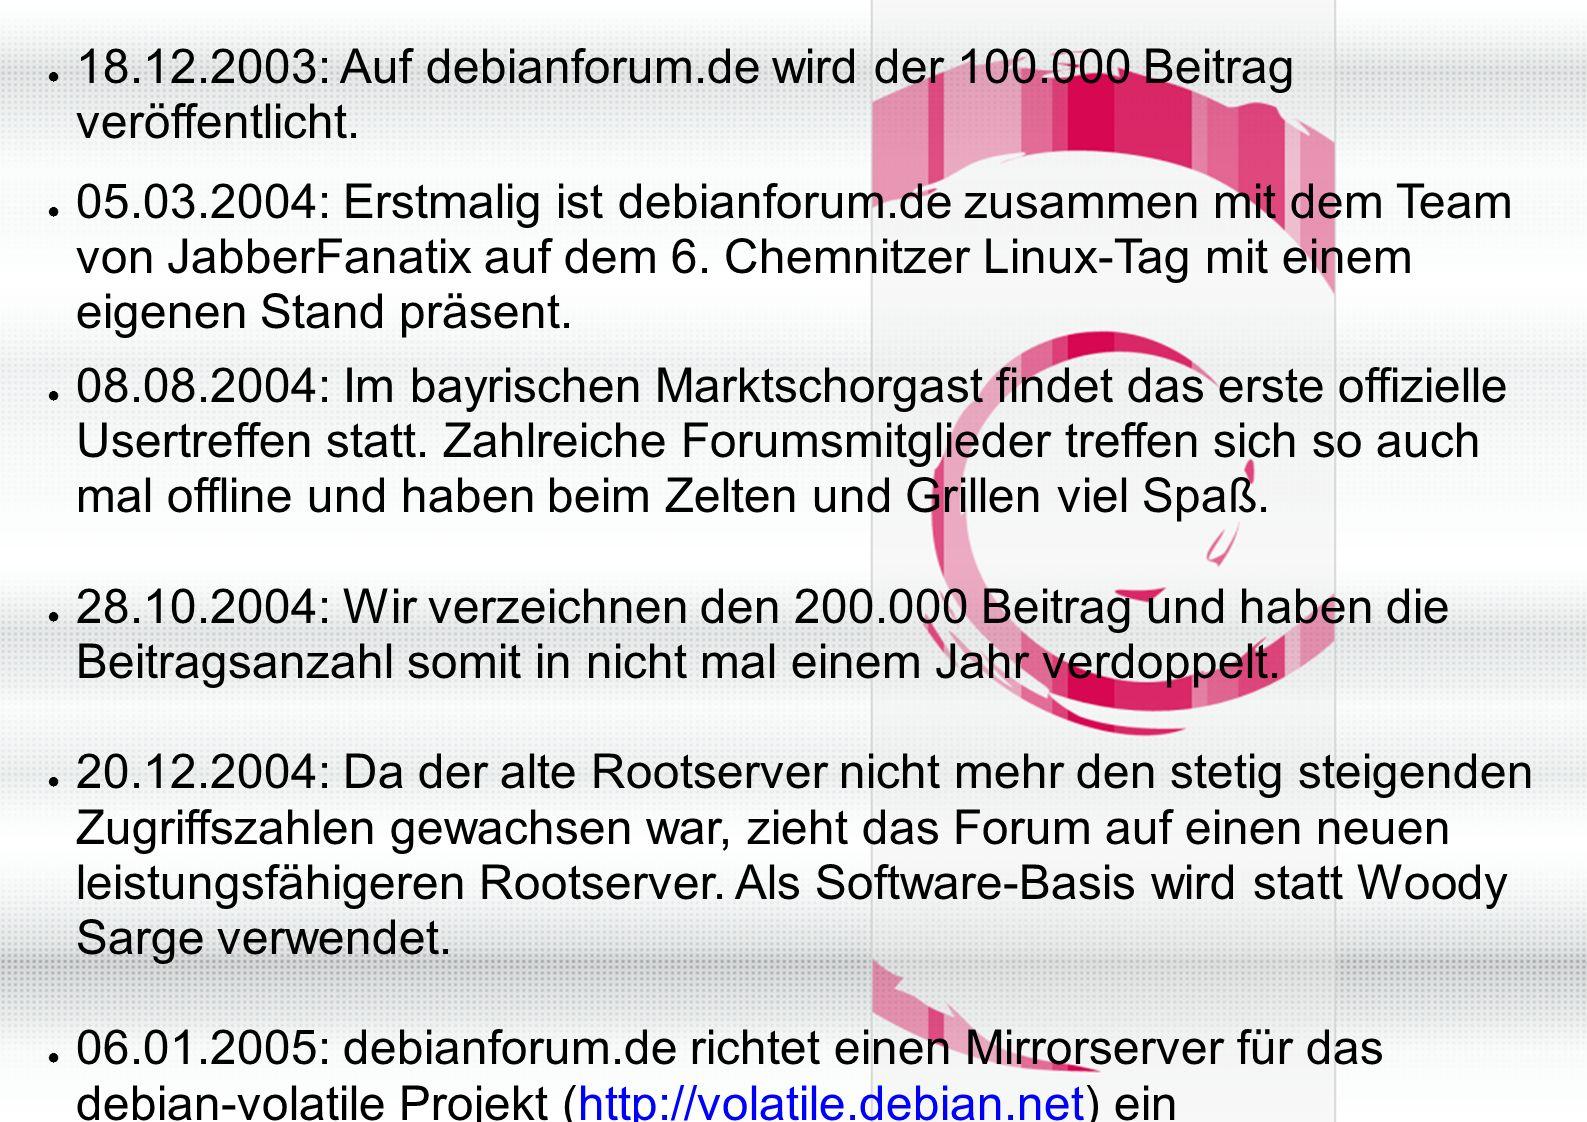 ● 18.12.2003: Auf debianforum.de wird der 100.000 Beitrag veröffentlicht.